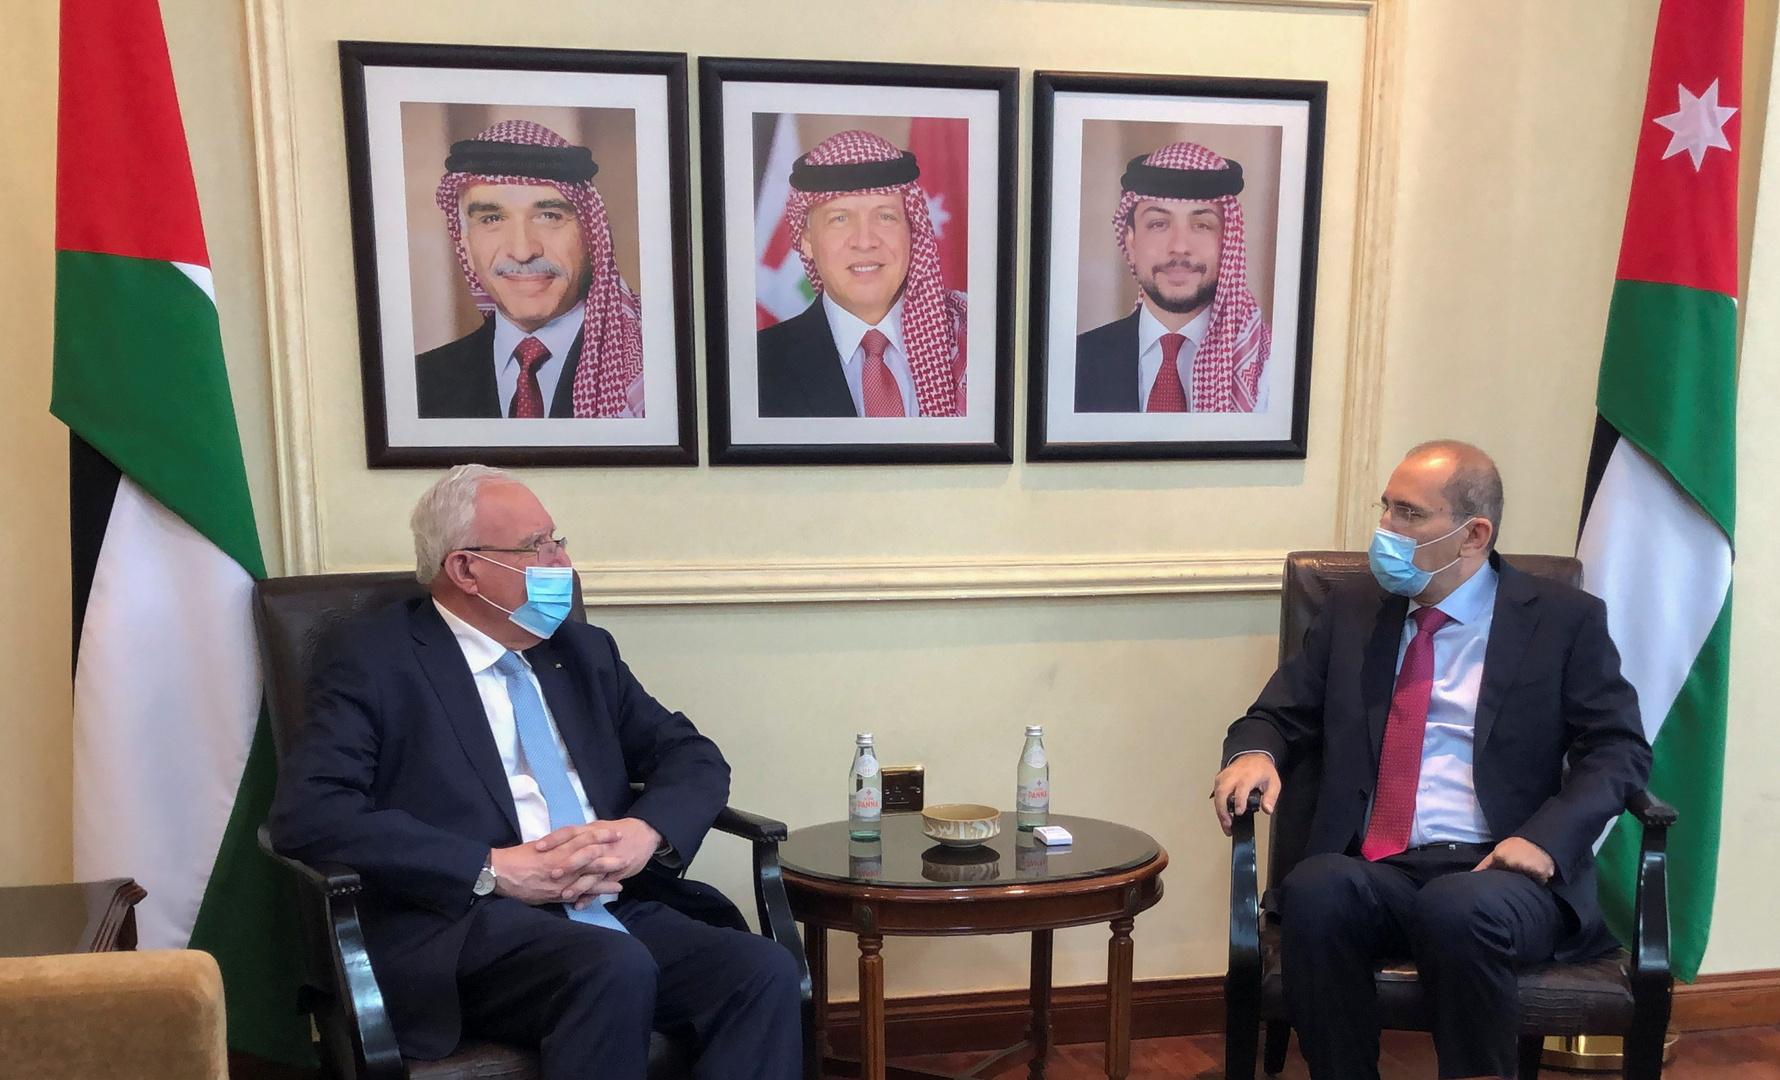 وزير الخارجية الفلسطيني رياض المالكي ونظيره الأردني أيمن الصفدي